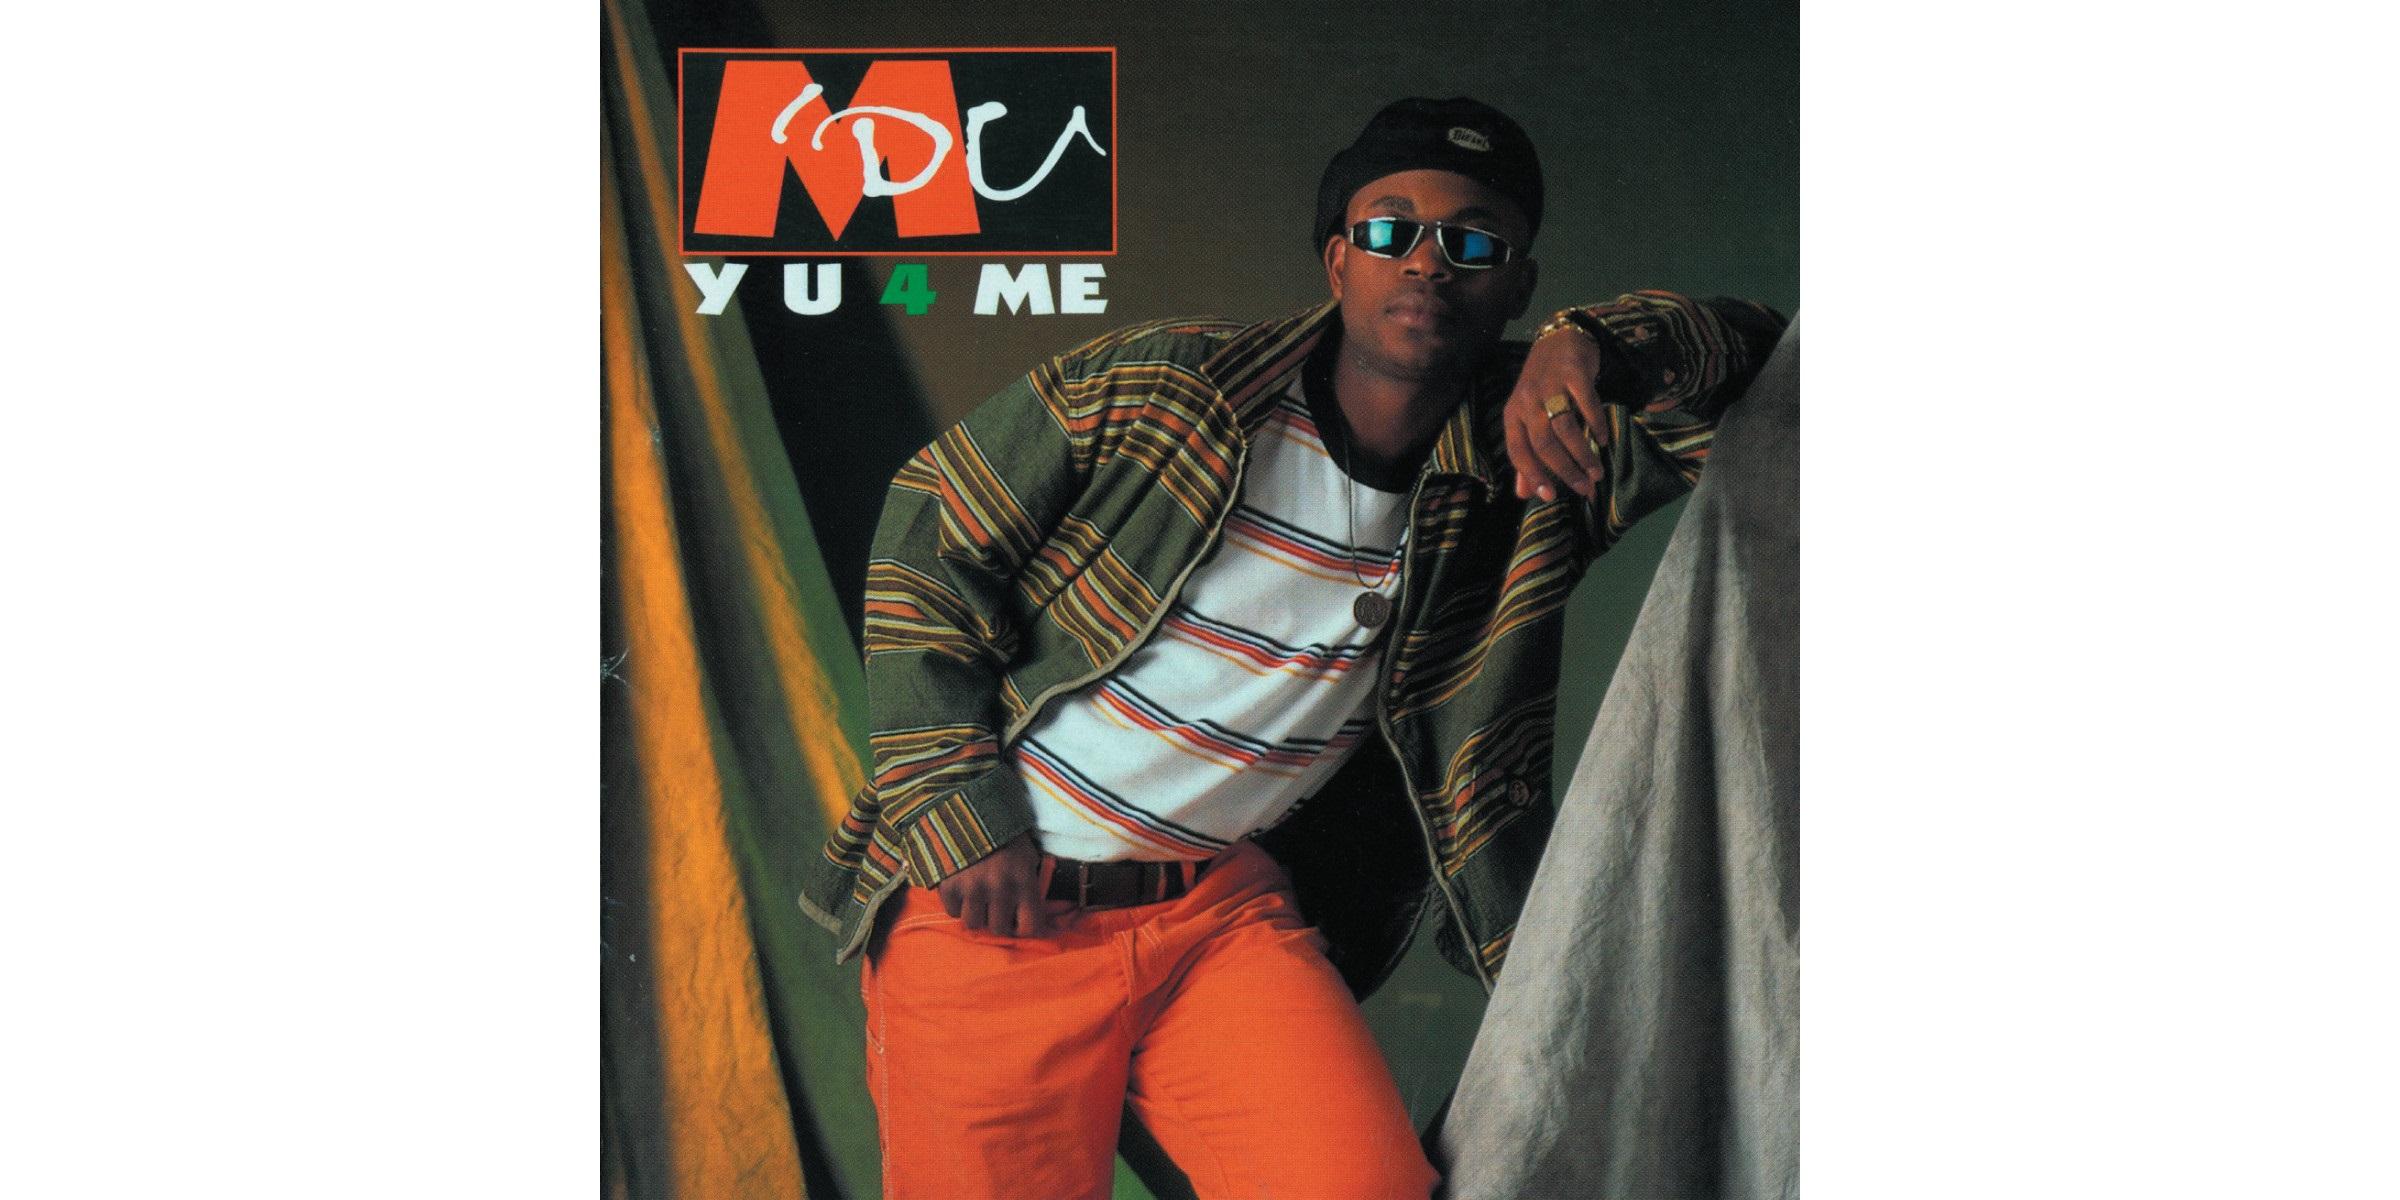 1995 M'du Masilela - Godfather of Kwaito Music - Album - Y U 4 me 1